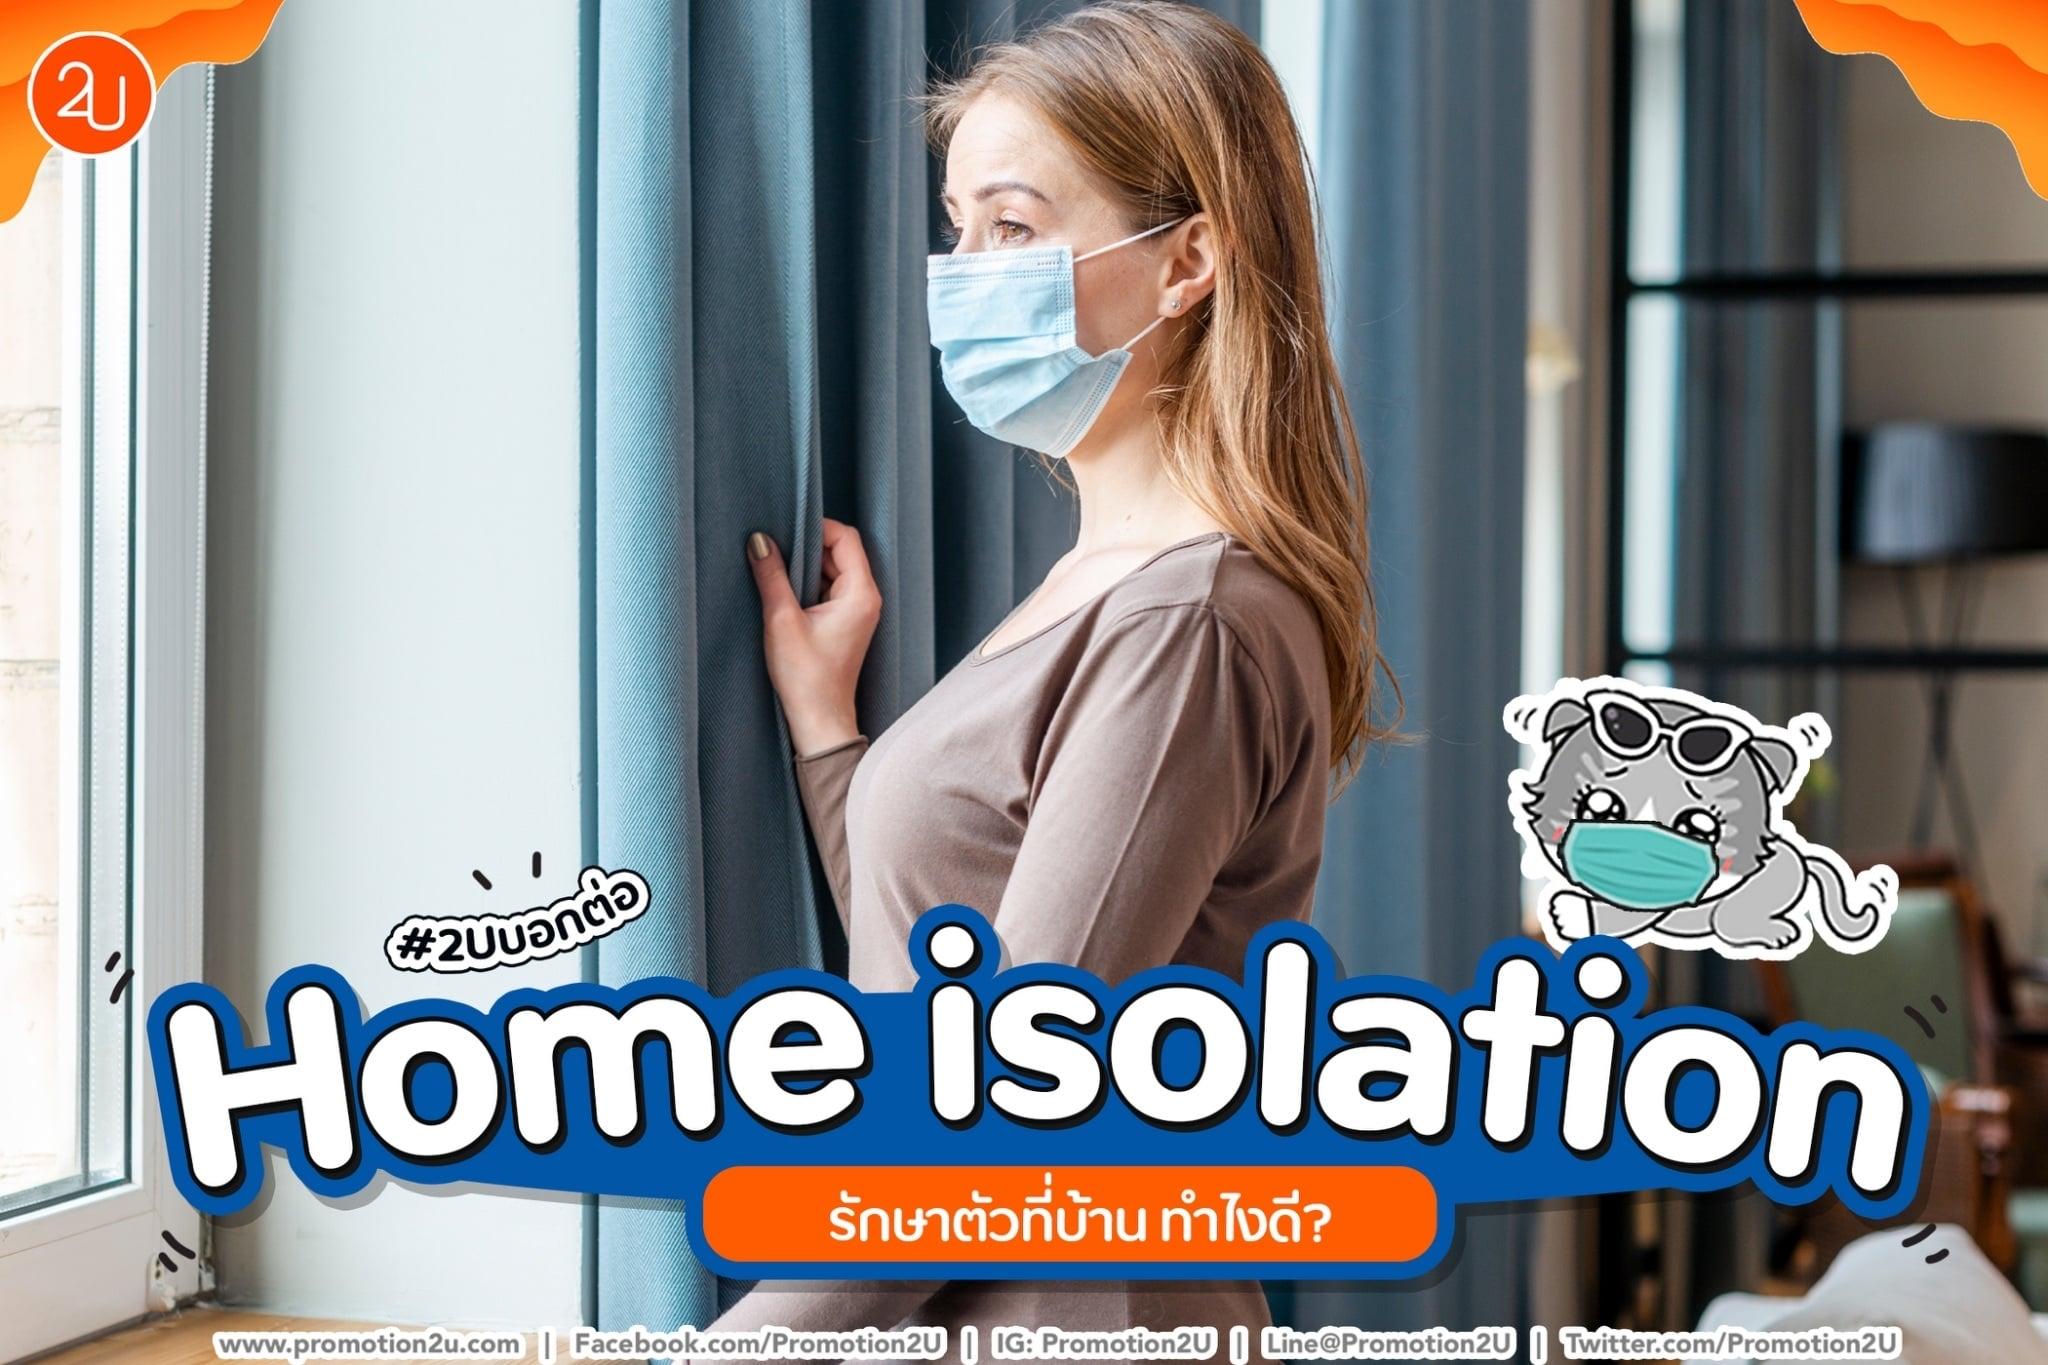 ติด Covid-19 อาการไม่รุนแรง รักษาตัวที่บ้าน Home Isolation ลงทะเบียนทางนี้